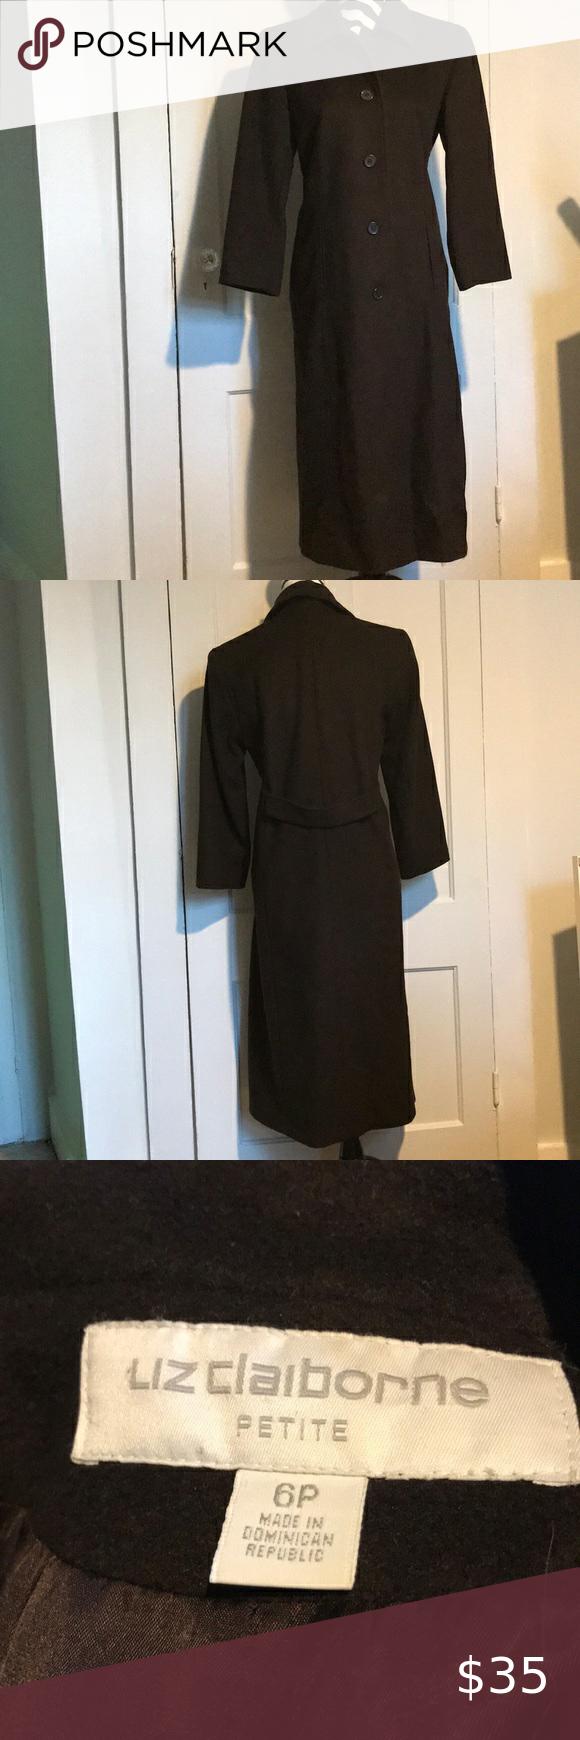 Liz Claiborne Dress Coat Size 6p Brown Coat Dress Liz Claiborne Dresses Heavy Dresses [ 1740 x 580 Pixel ]